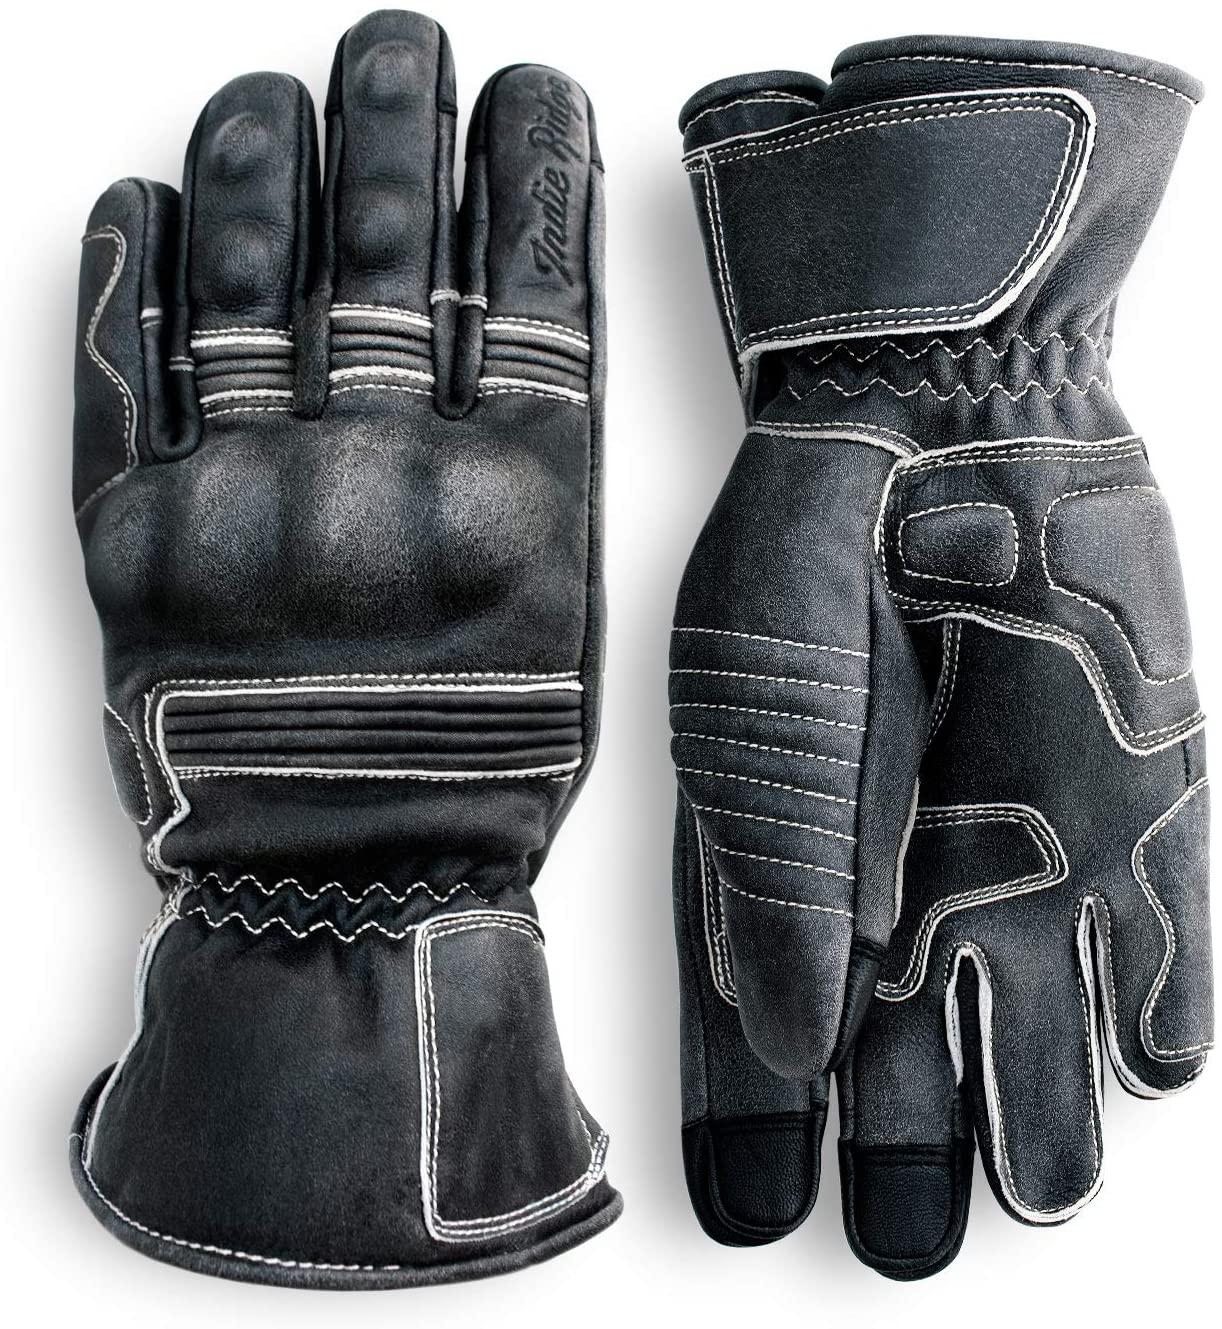 Indie Ridge Pre-Weathered Premium Leather Motorcycle Gloves